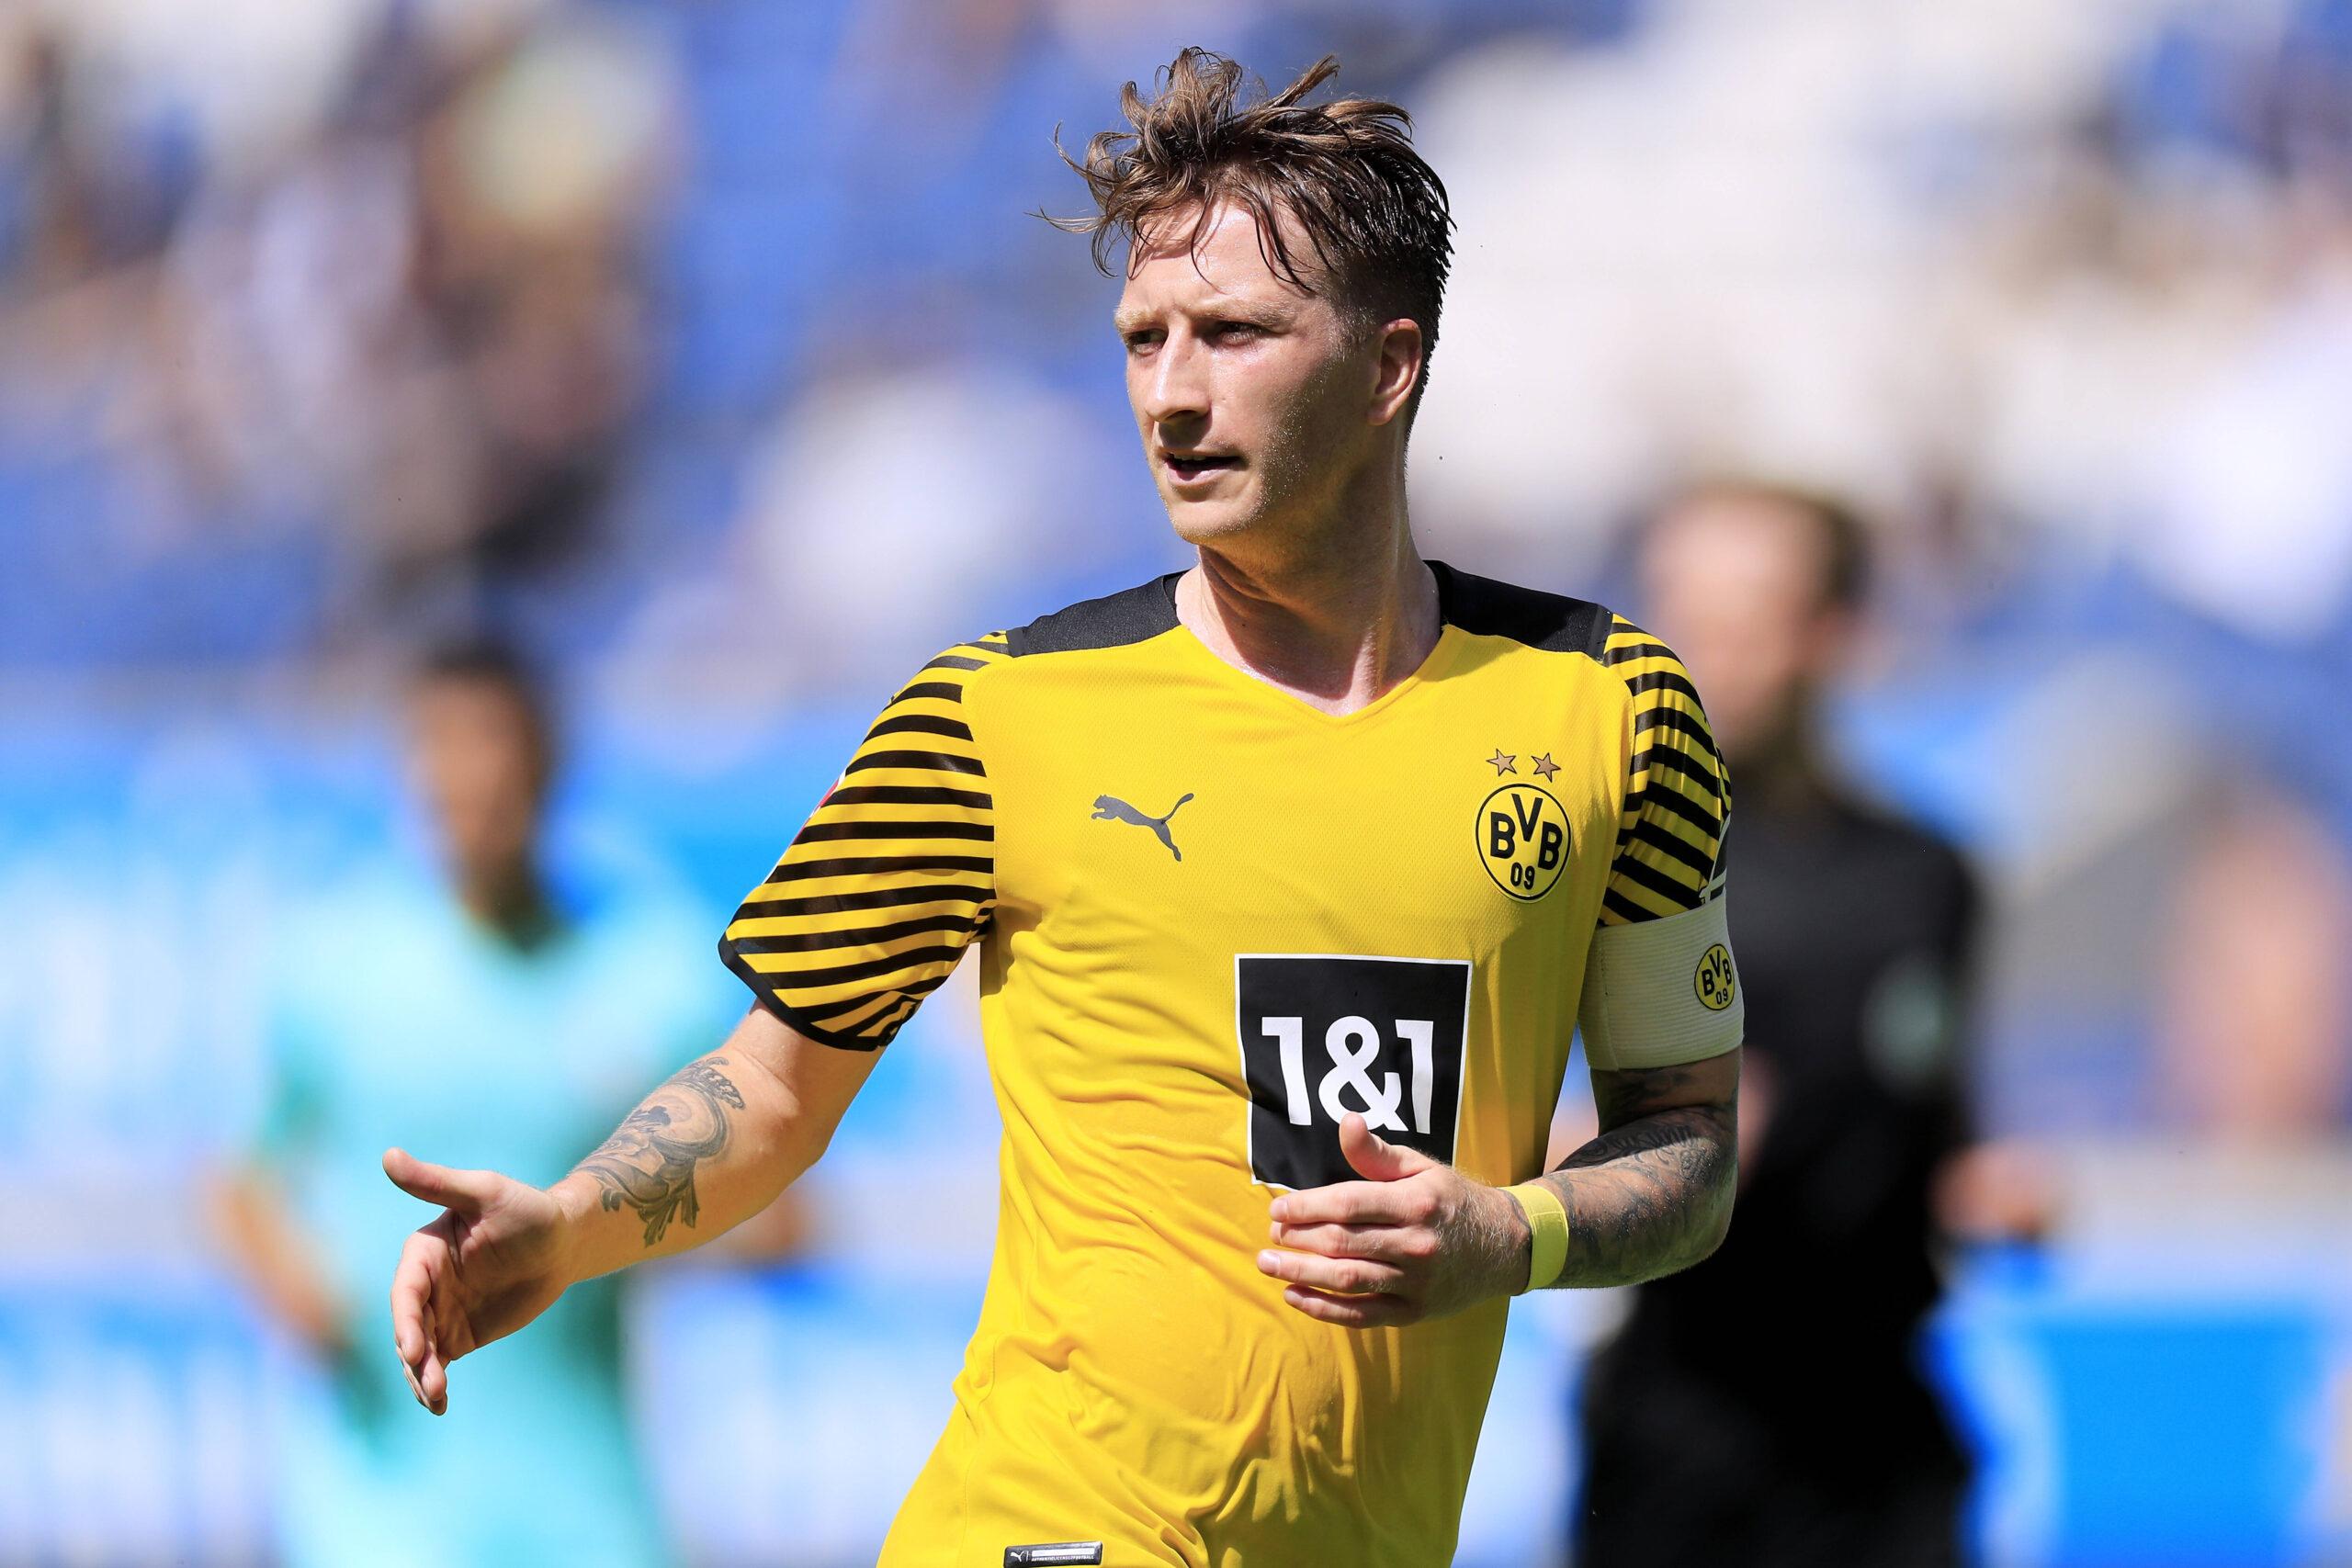 Marco Reus en la pretemporada de Borussia Dortmund. Foto: Imago